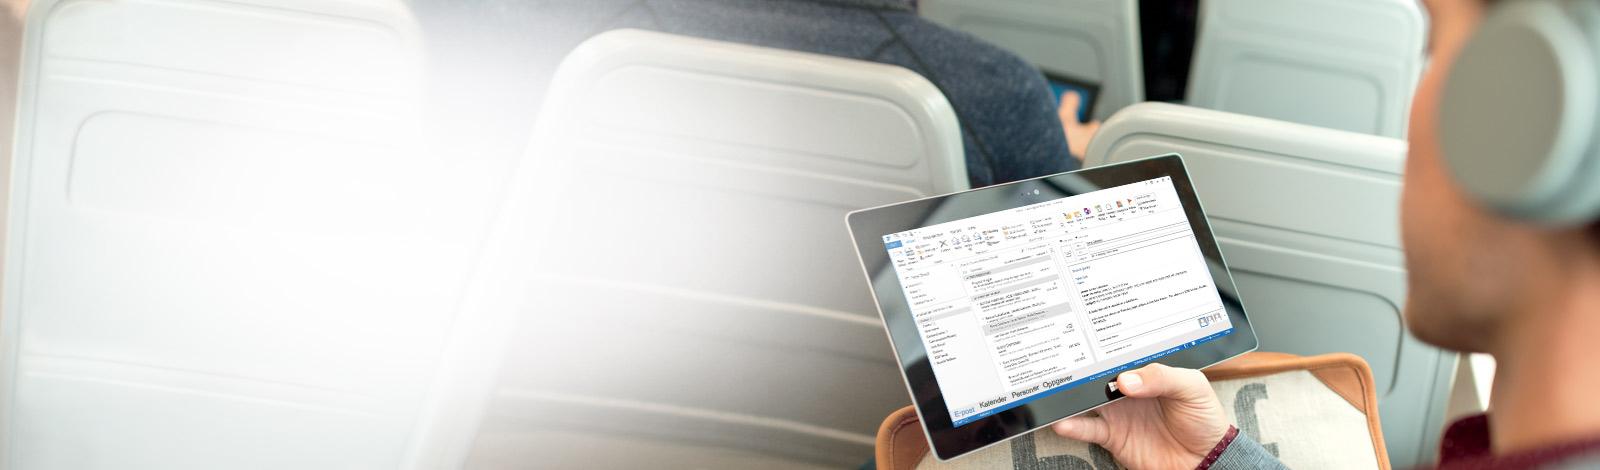 En mann holder et nettbrett som viser innboksen hans. Få tilgang til e-post hvor som helst med Office 365.